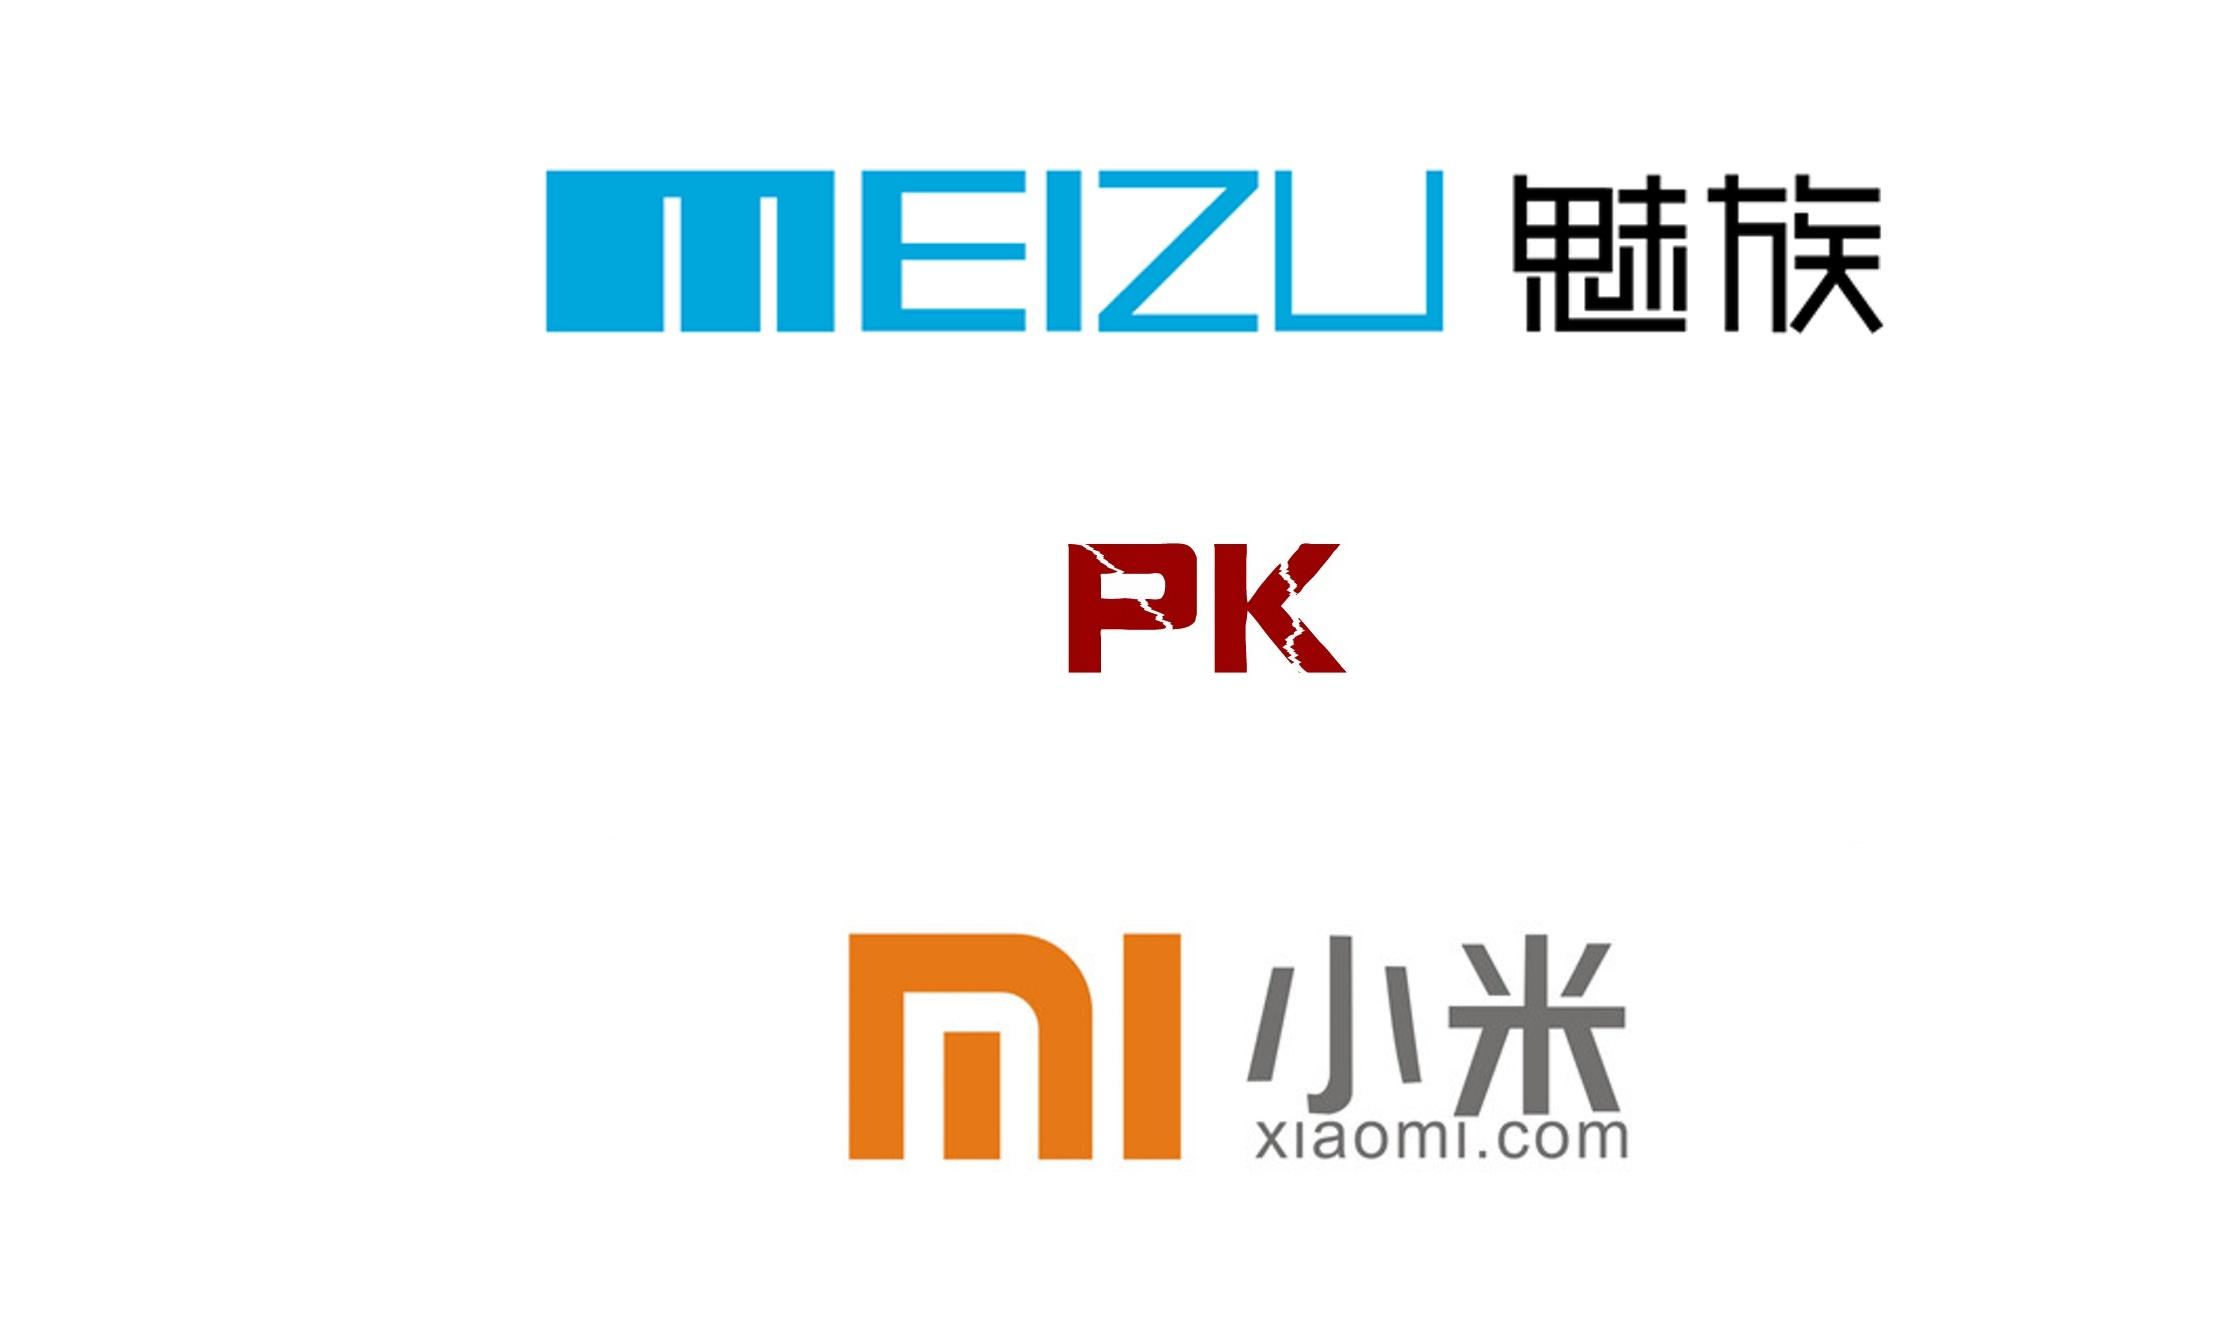 小米科技logo设计